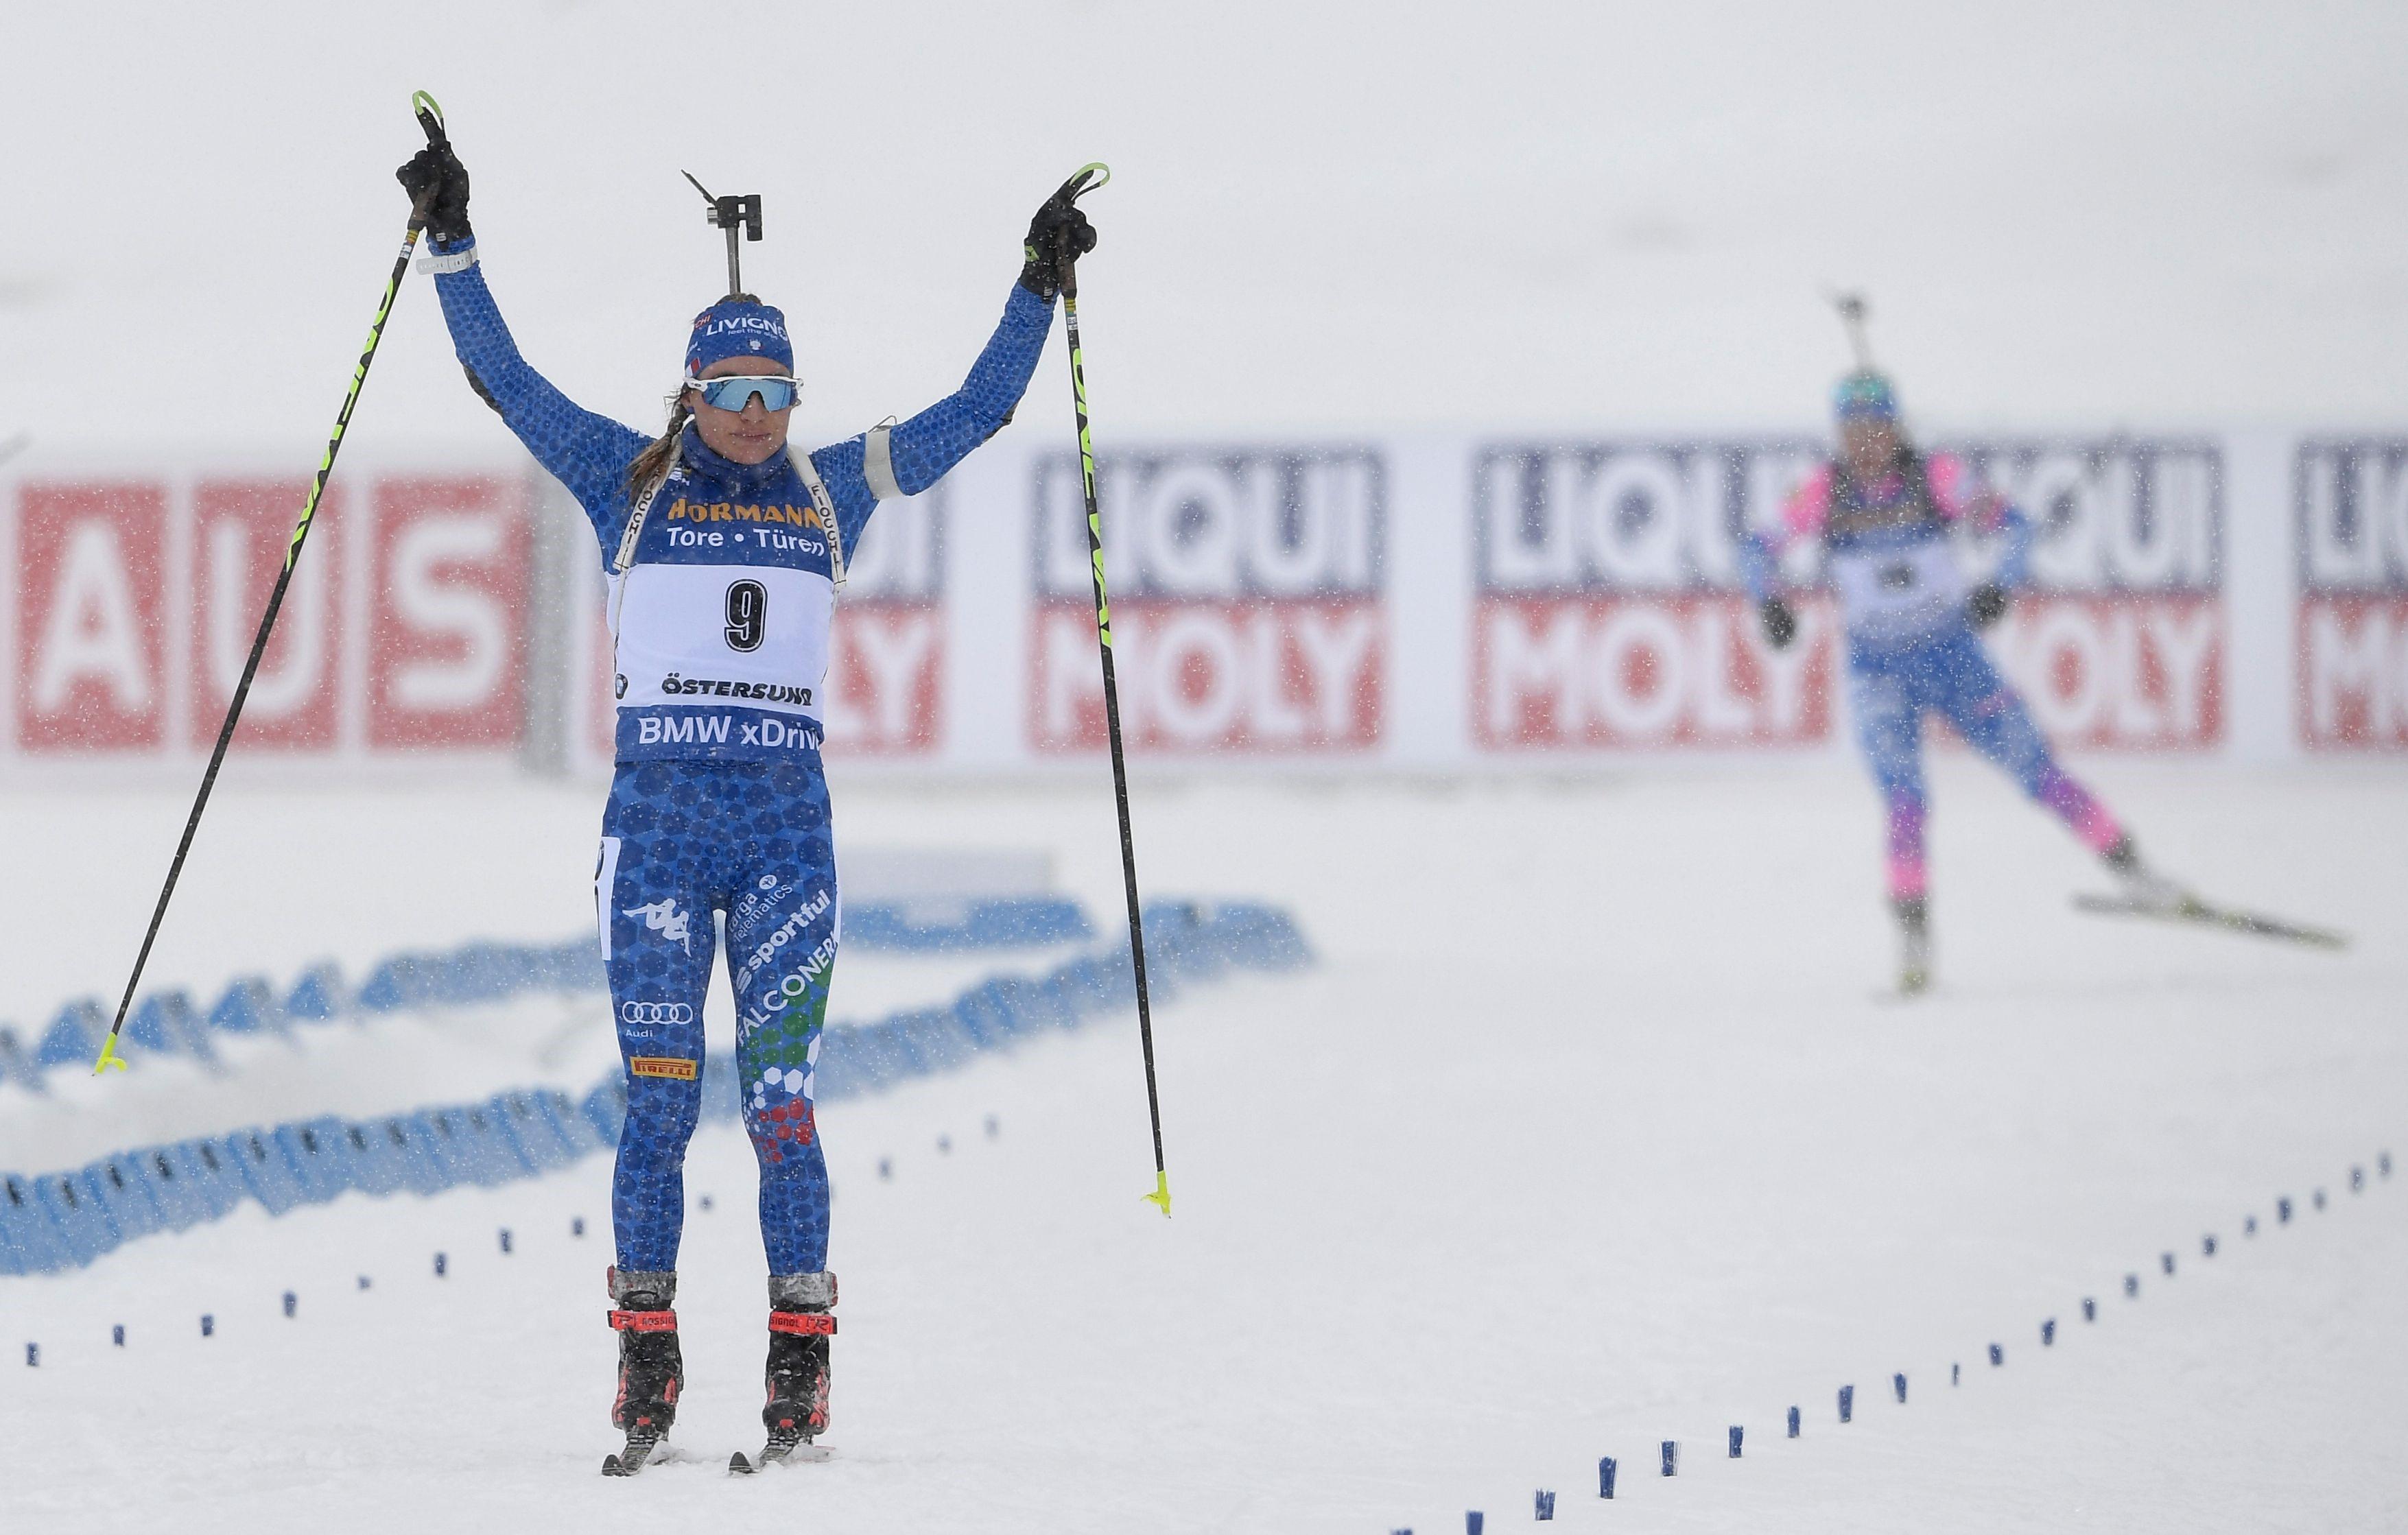 Dorothea Wierer remporte la mass start des Championnats du monde le 17 mars 2019